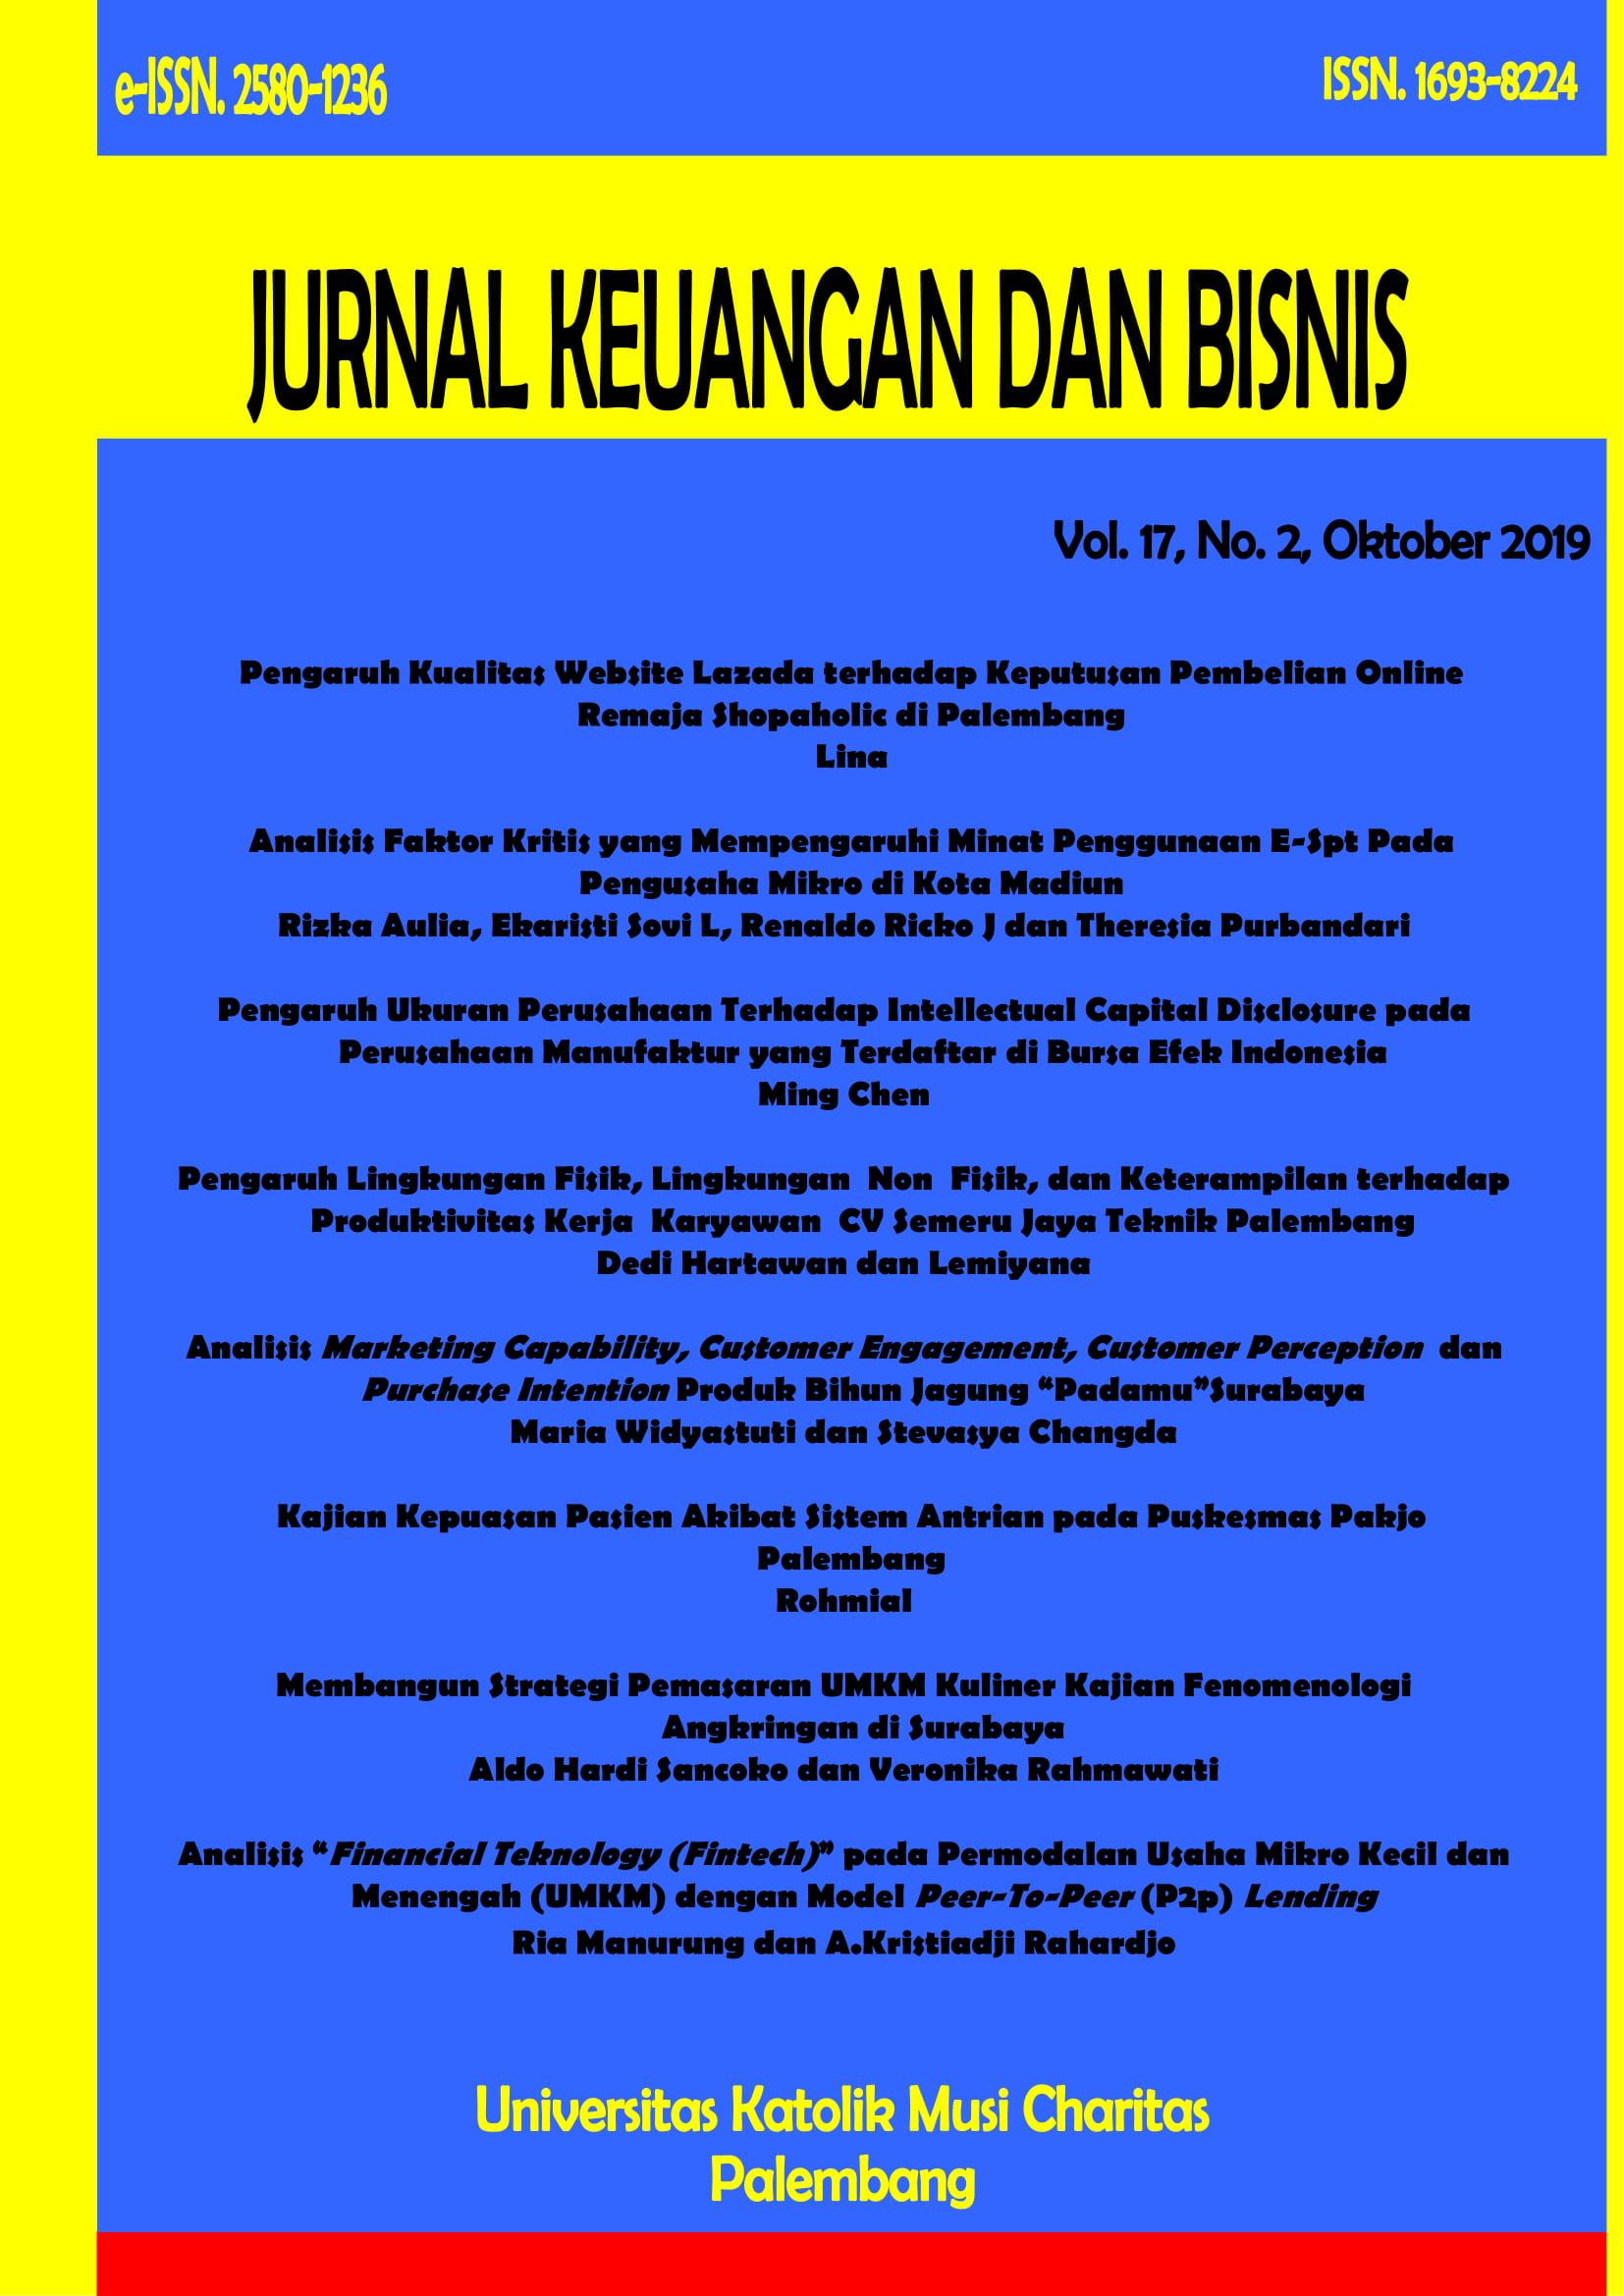 View Vol. 17 No. 2 (2019): Jurnal Keuangan dan Bisnis Volume 17 No. 2, Edisi Oktober 2019